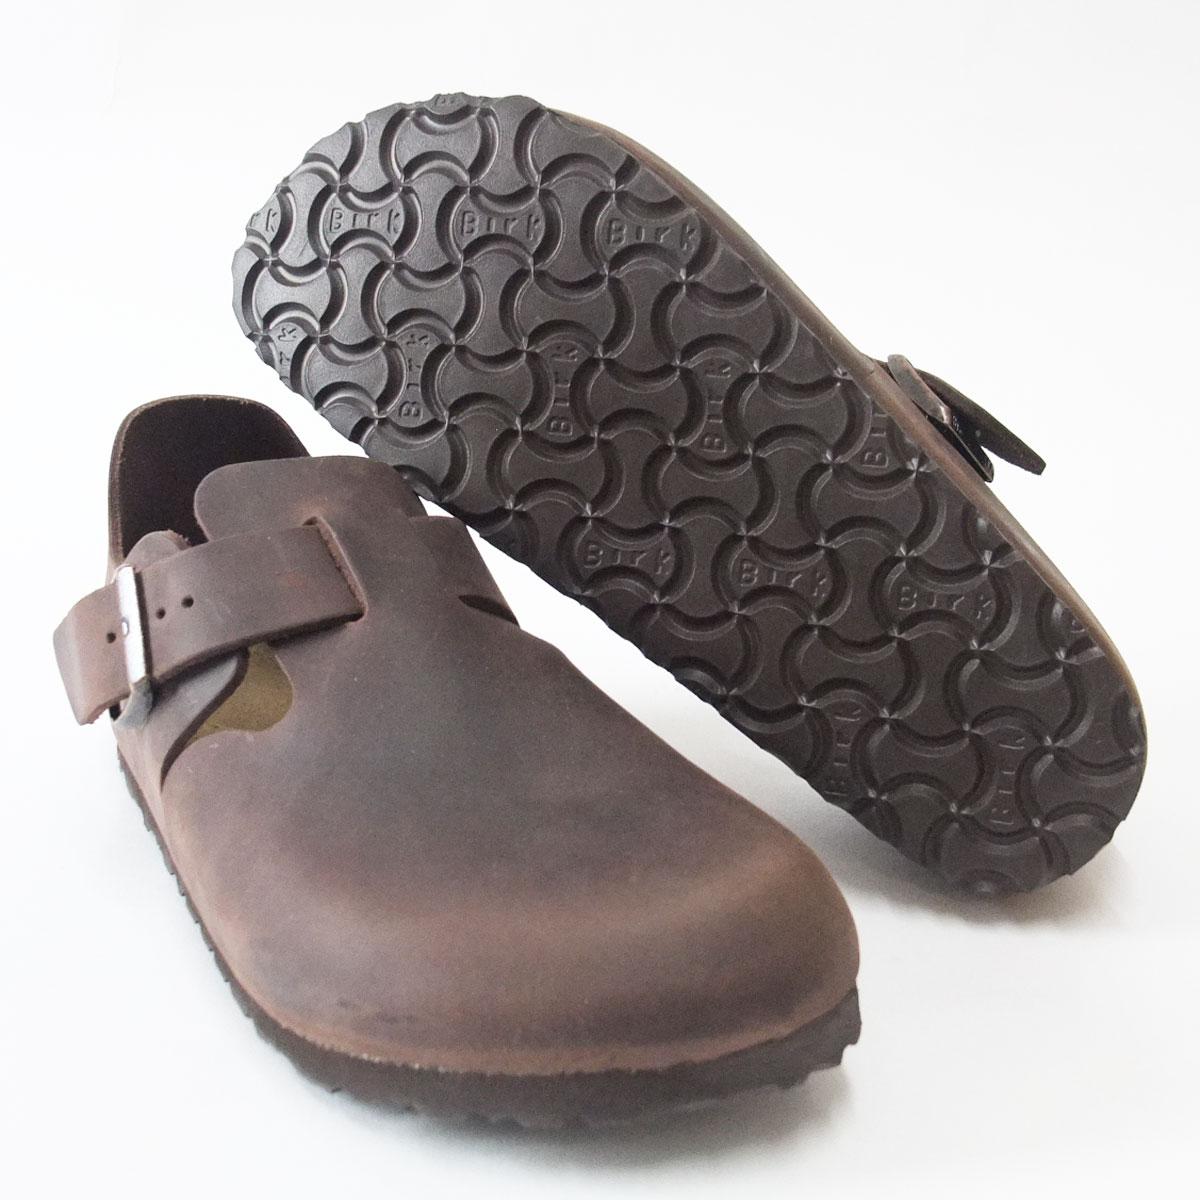 定番の大人気 BIRKENSTOCK(ビルケンシュトック) LONDON(ロンドン)ユニセックス 166533(天然皮革/ハバナ)ドイツ生まれの快適シューズ「靴」